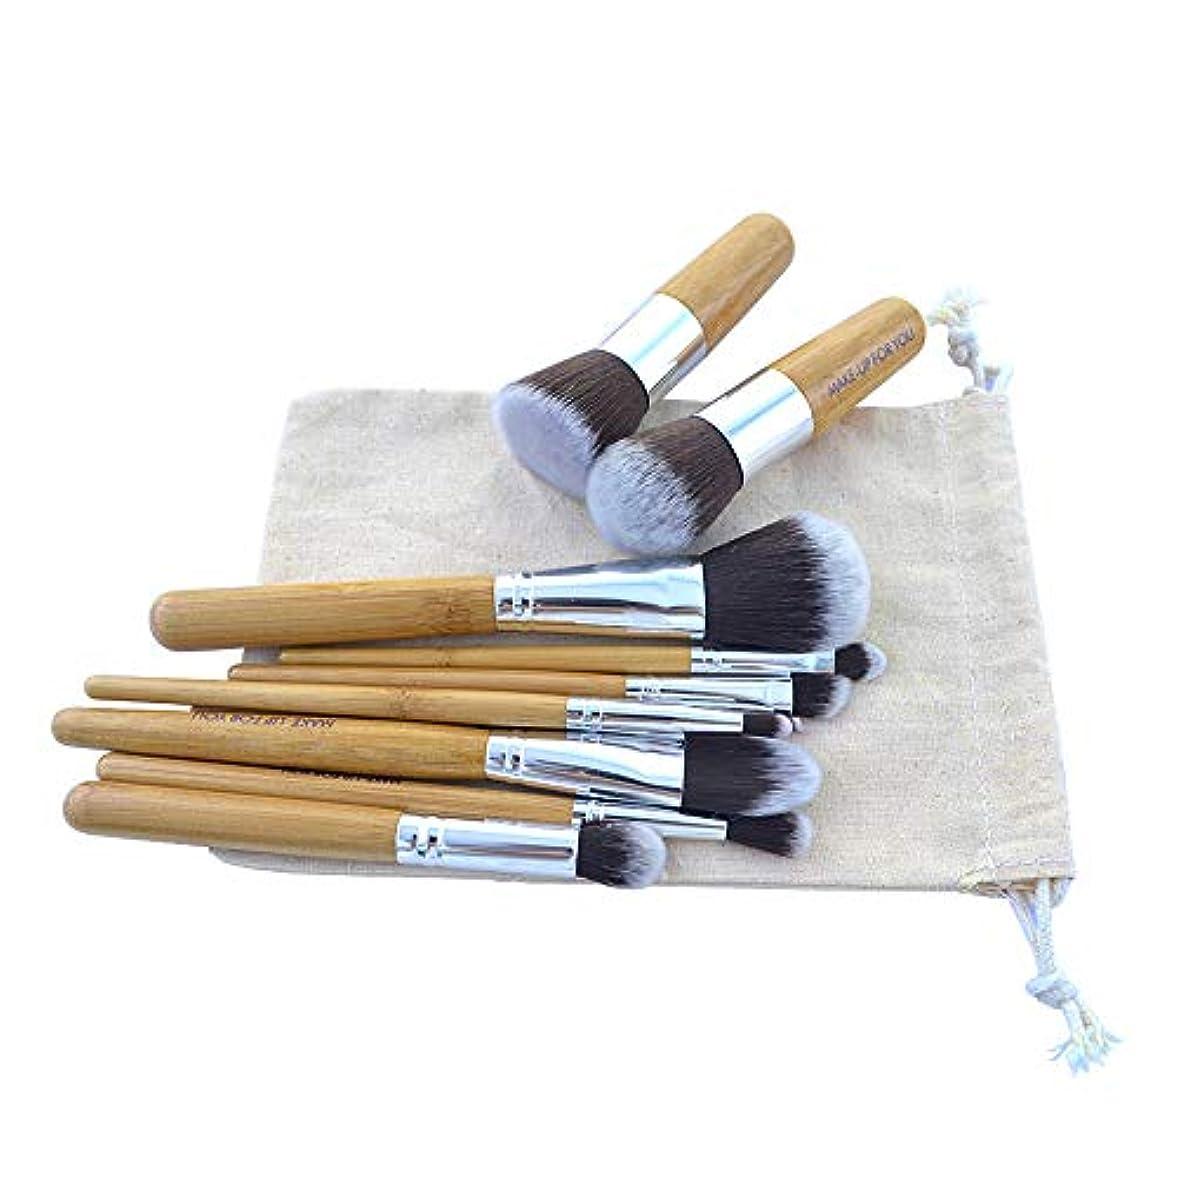 力強い建設シダVPGJQBUIYF メイクブラシ可愛い 持ち運び ファンデーションブラシ メイク メイク道具 化粧筆 ブラシセット ブラシ チークブラシ 化粧ブラシ 木製ハンドル化粧筆 人気 (11本セット)